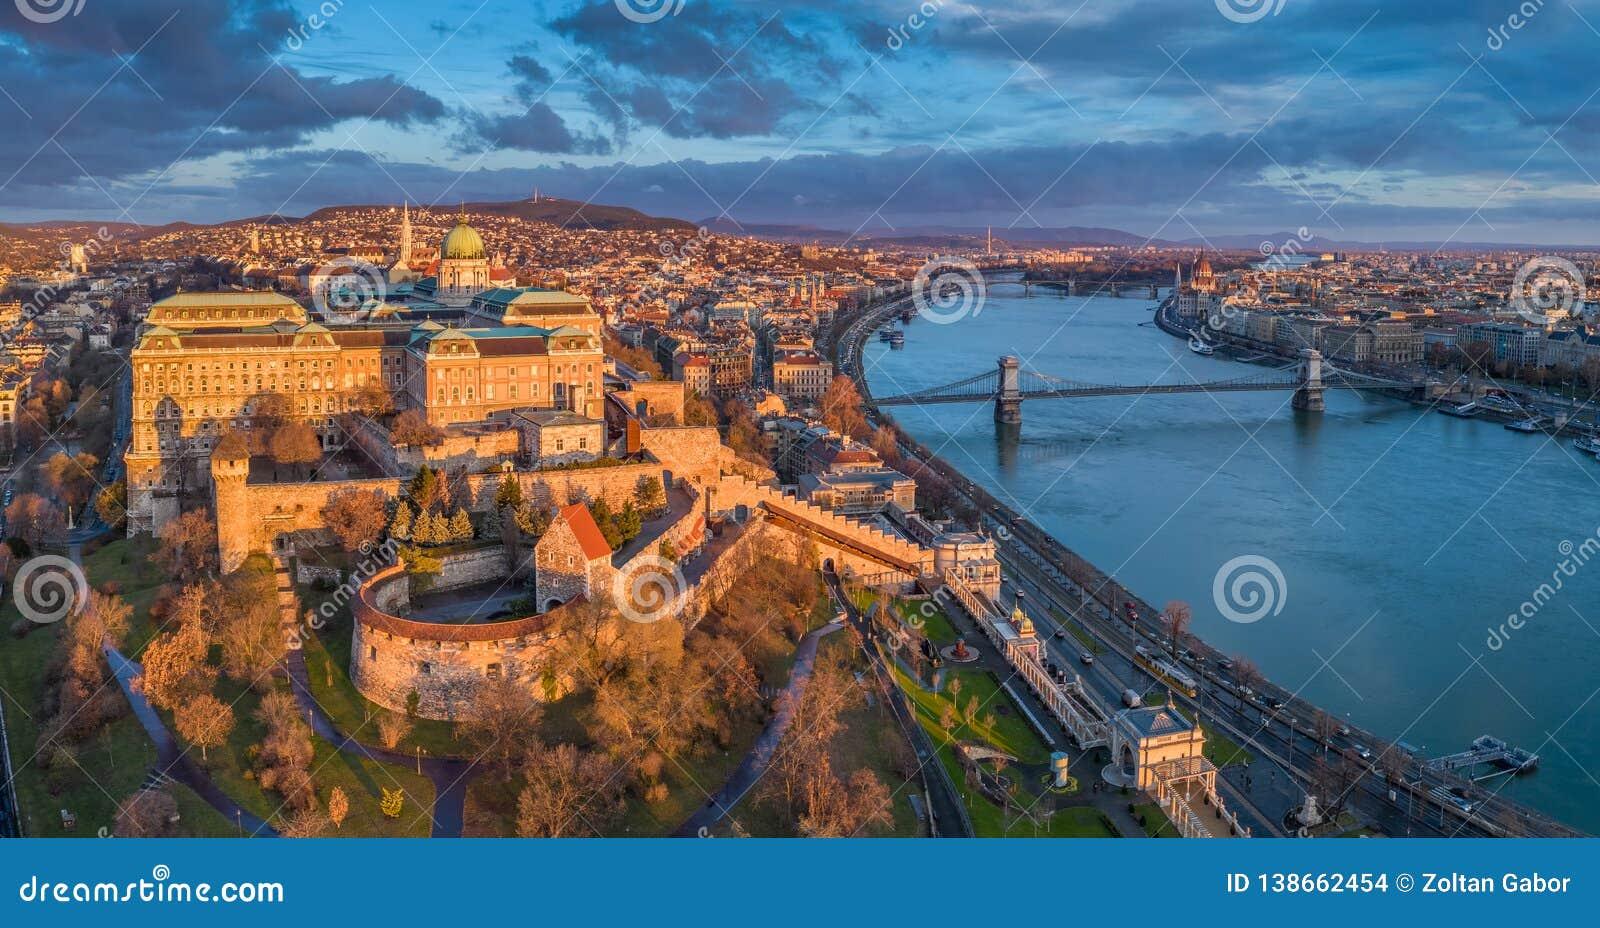 Budapest, Ungheria - punto di vista panoramico aereo di Buda Castle Royal Palace con il ponte a catena di Szechenyi, il Parlament